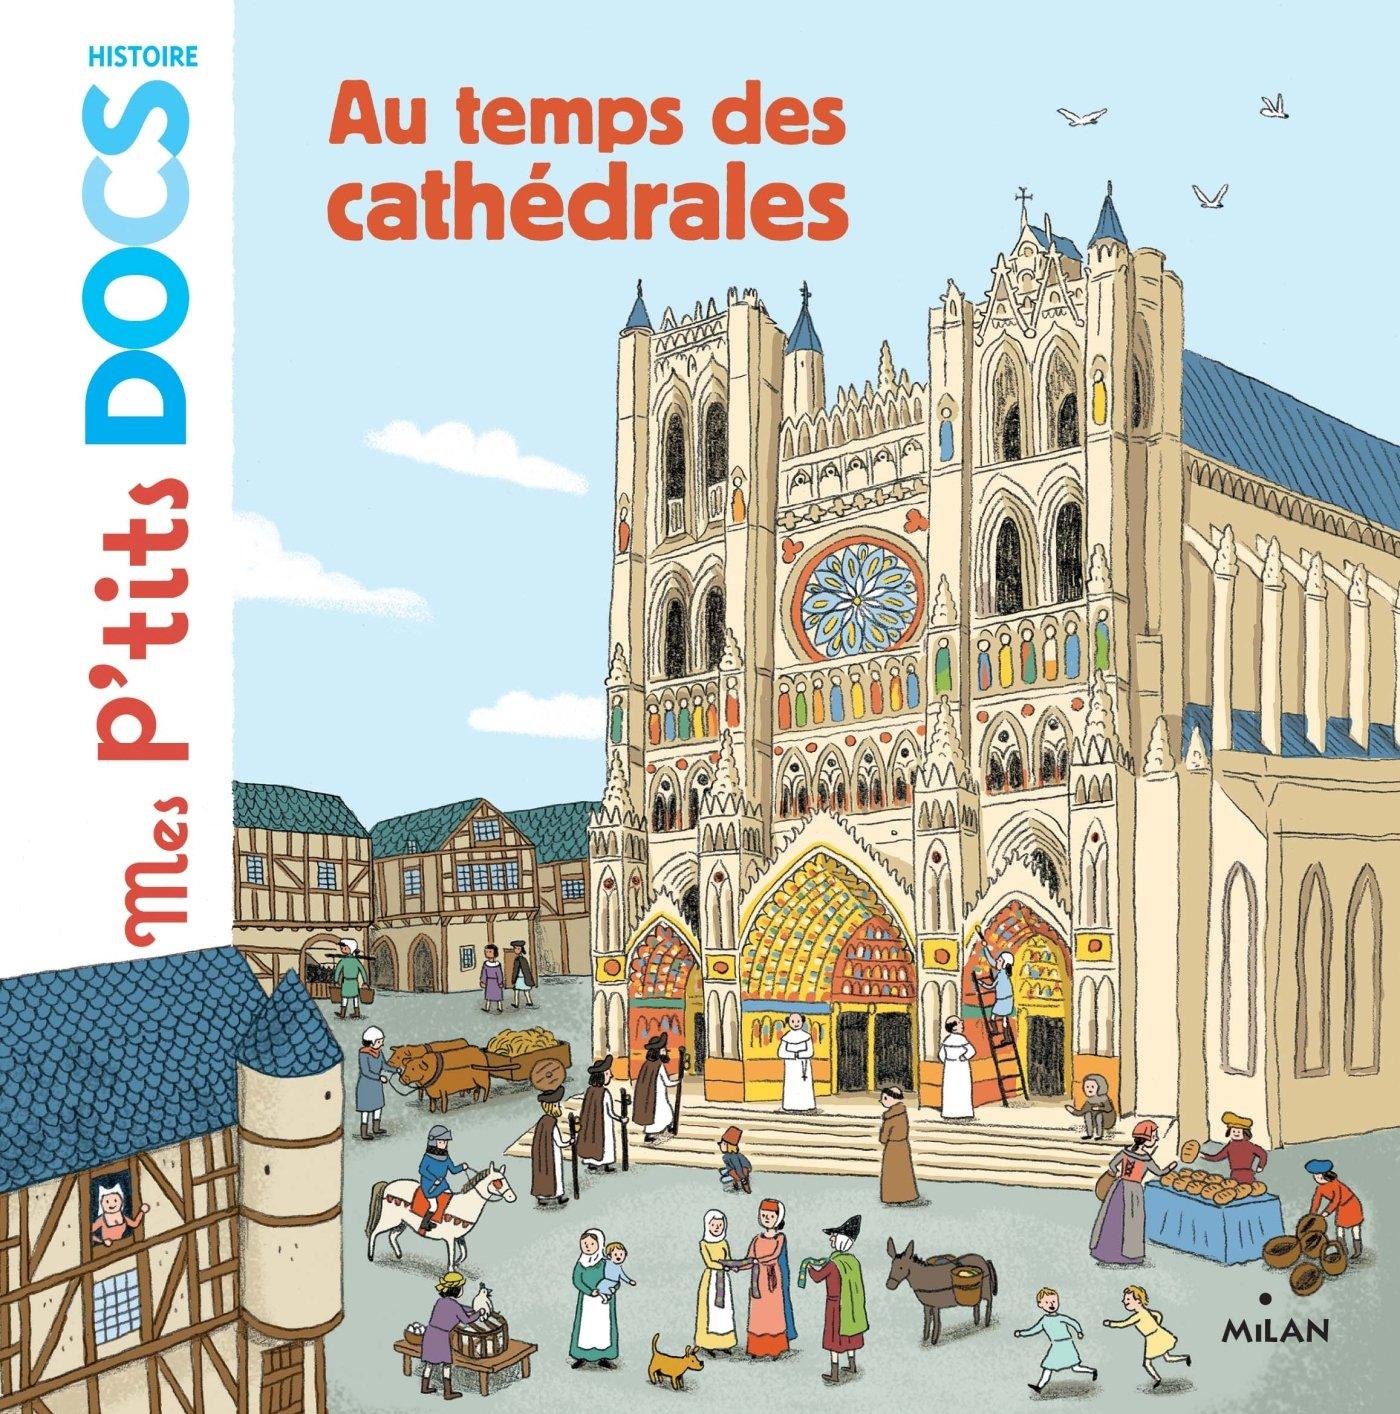 Au temps des cathédrales Relié – 23 août 2017 Stéphanie Ledu Cléo Germain Editions Milan 2745992244